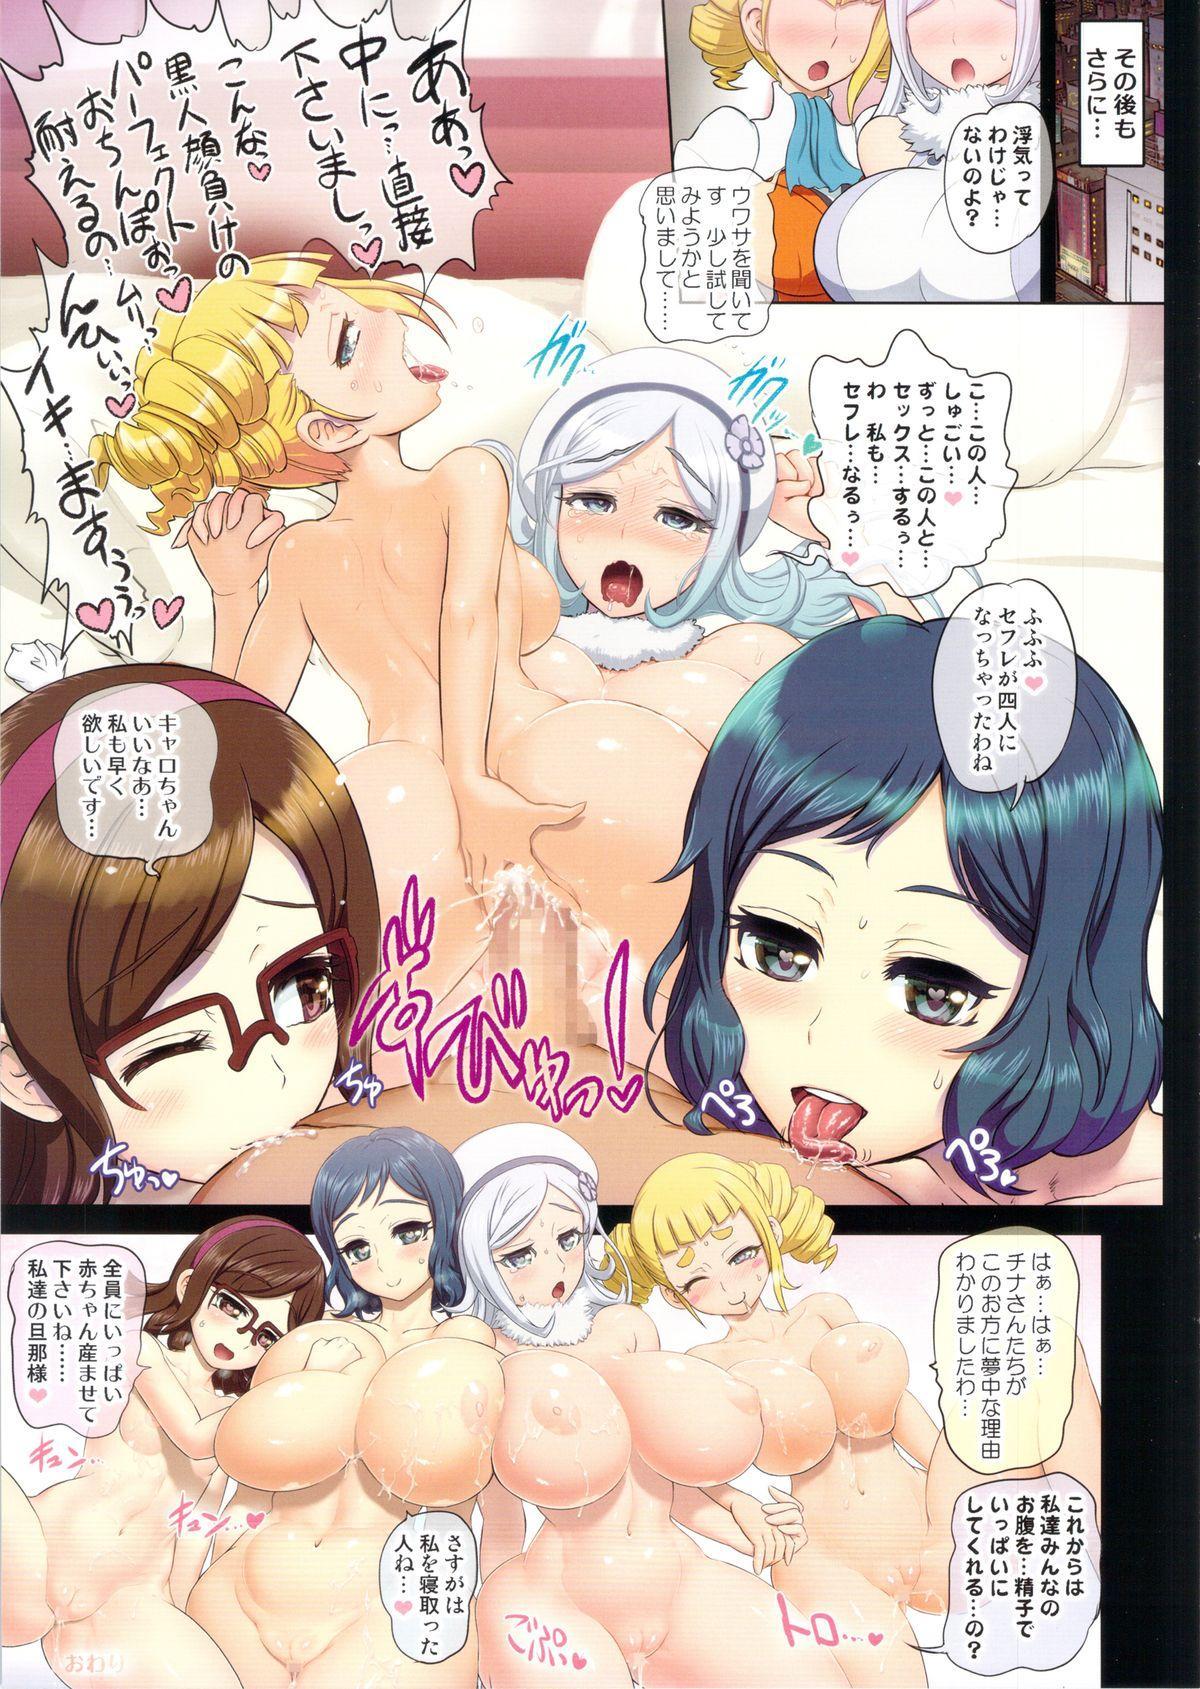 RinChina Icha Love Netori ♂×♀Hen 15